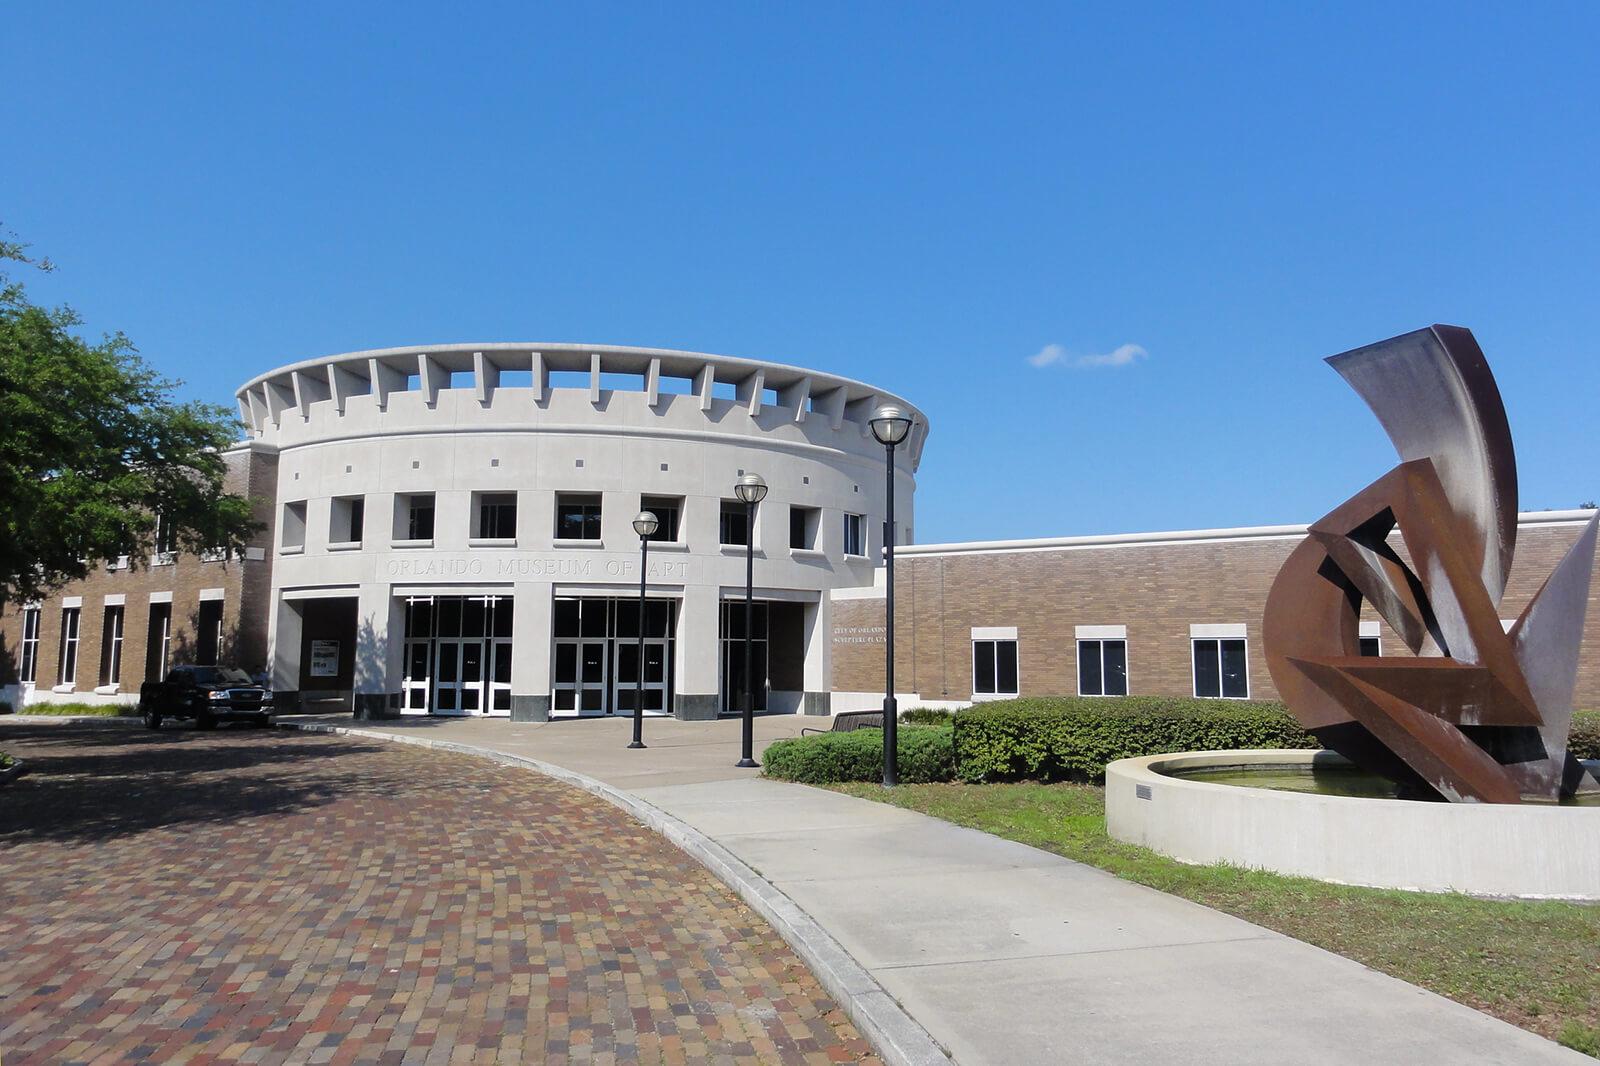 Orlando Museum of Art in Florida